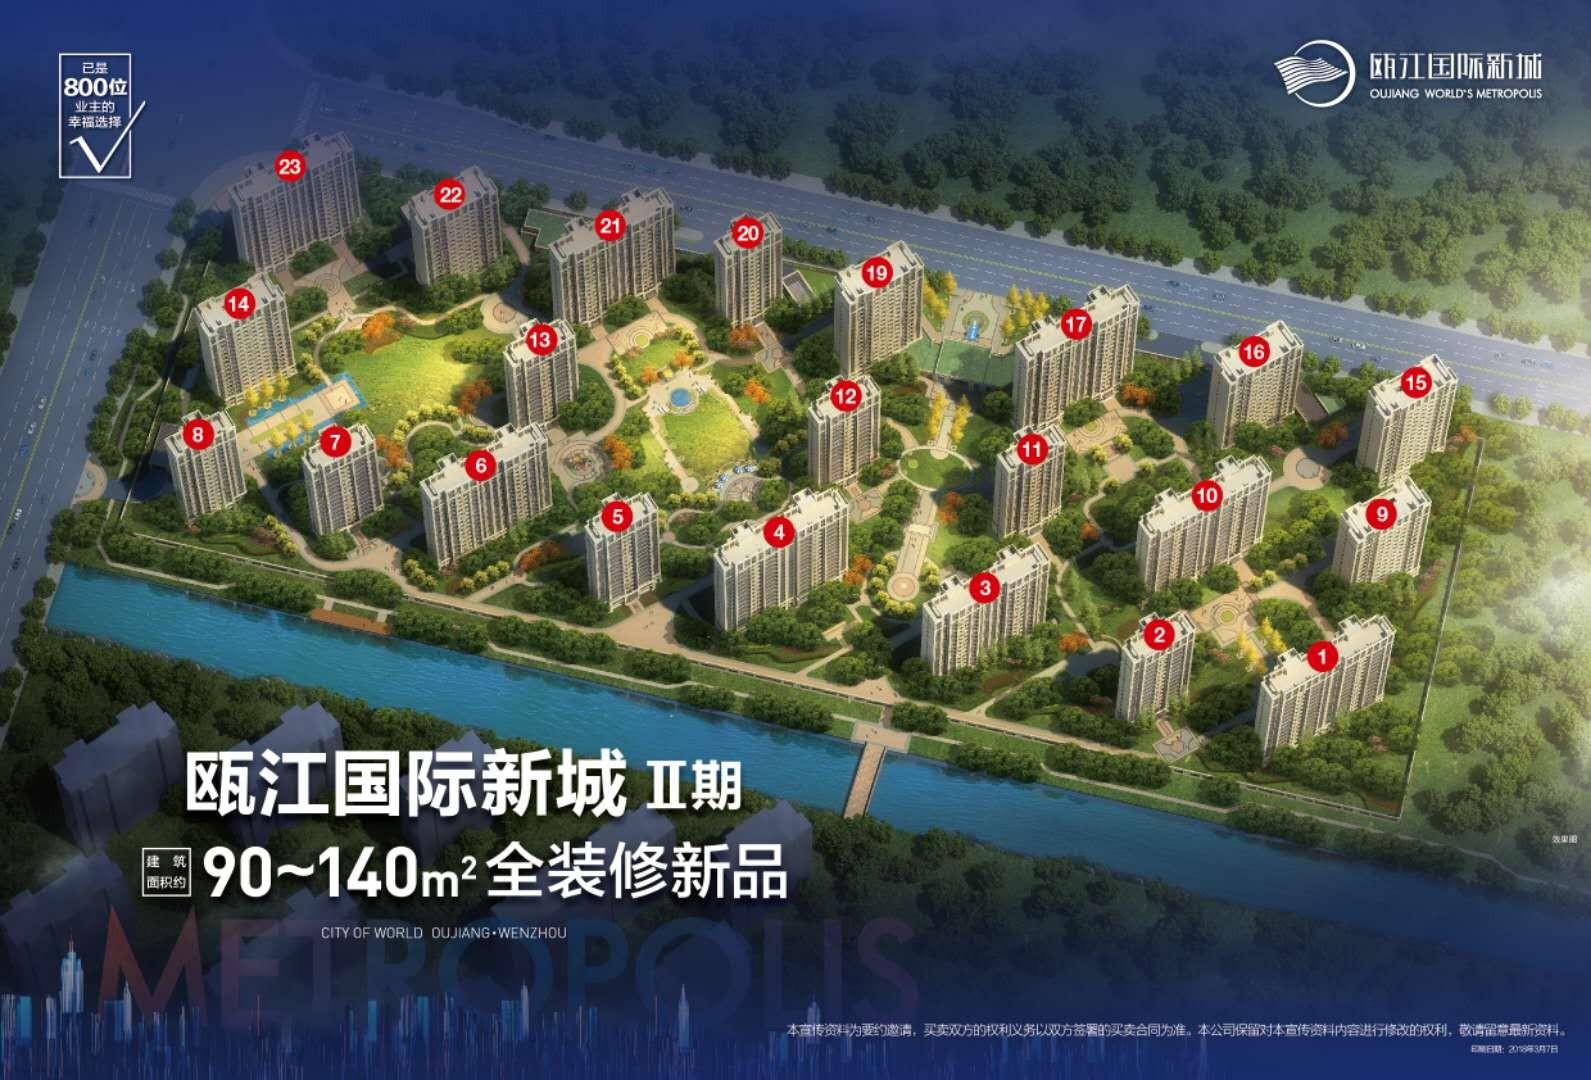 温州瓯江国际新城高清图